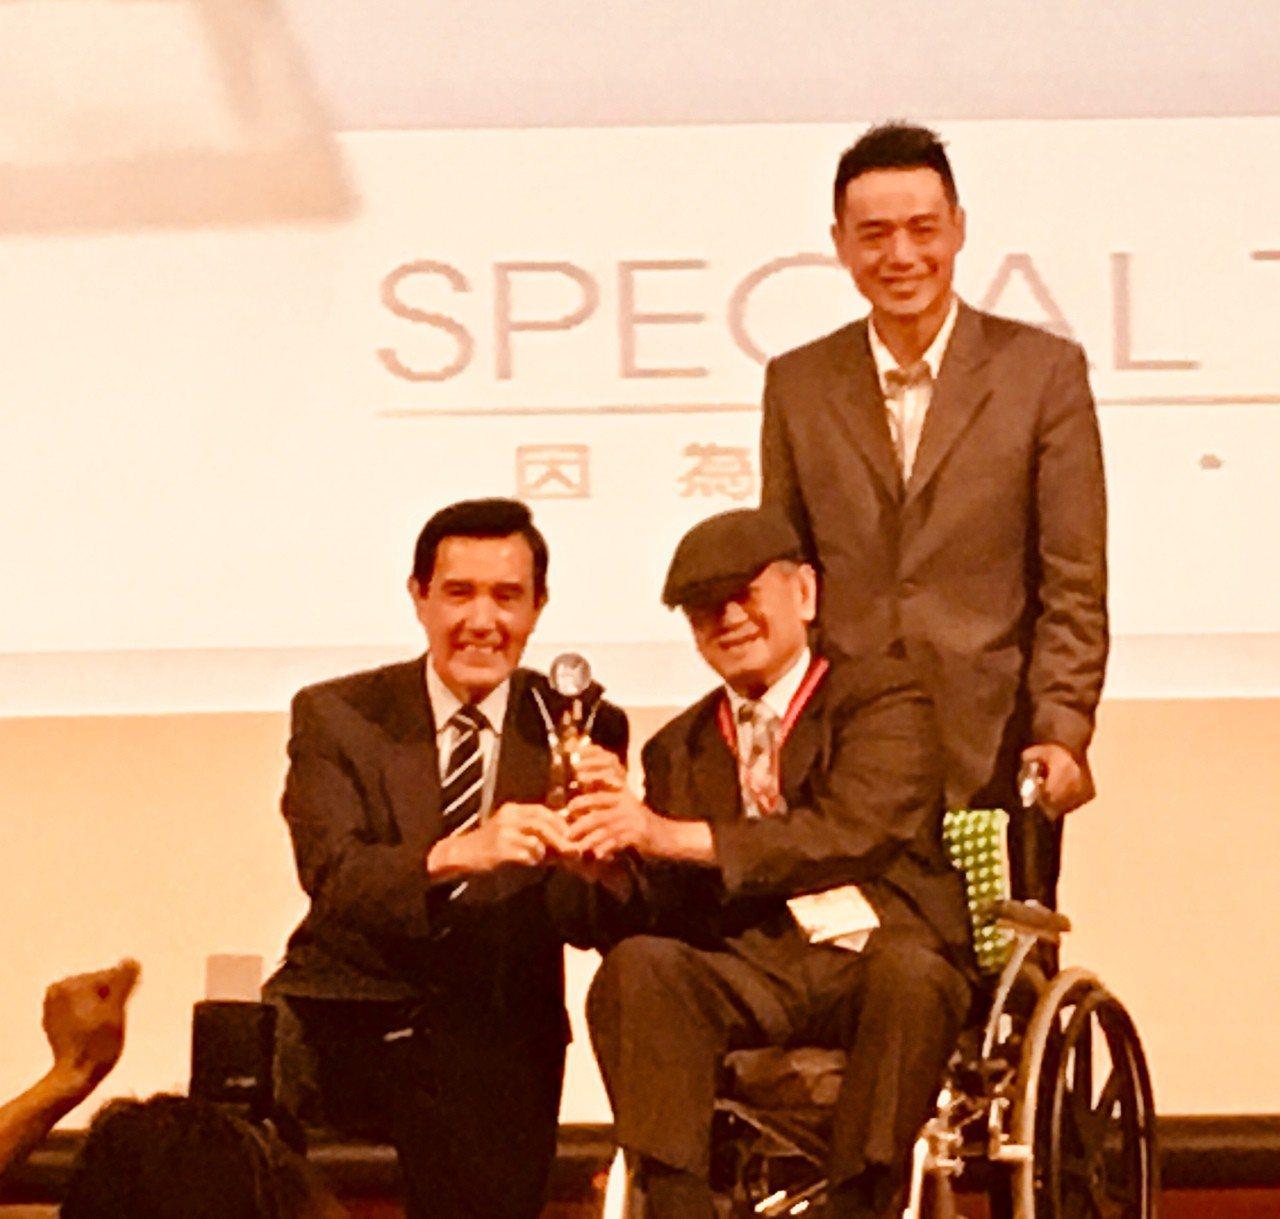 得獎企業克洛浦水素公司董事長謝新茂雖坐輪椅,但馬前總統曲膝合影,展現十足親和力。...